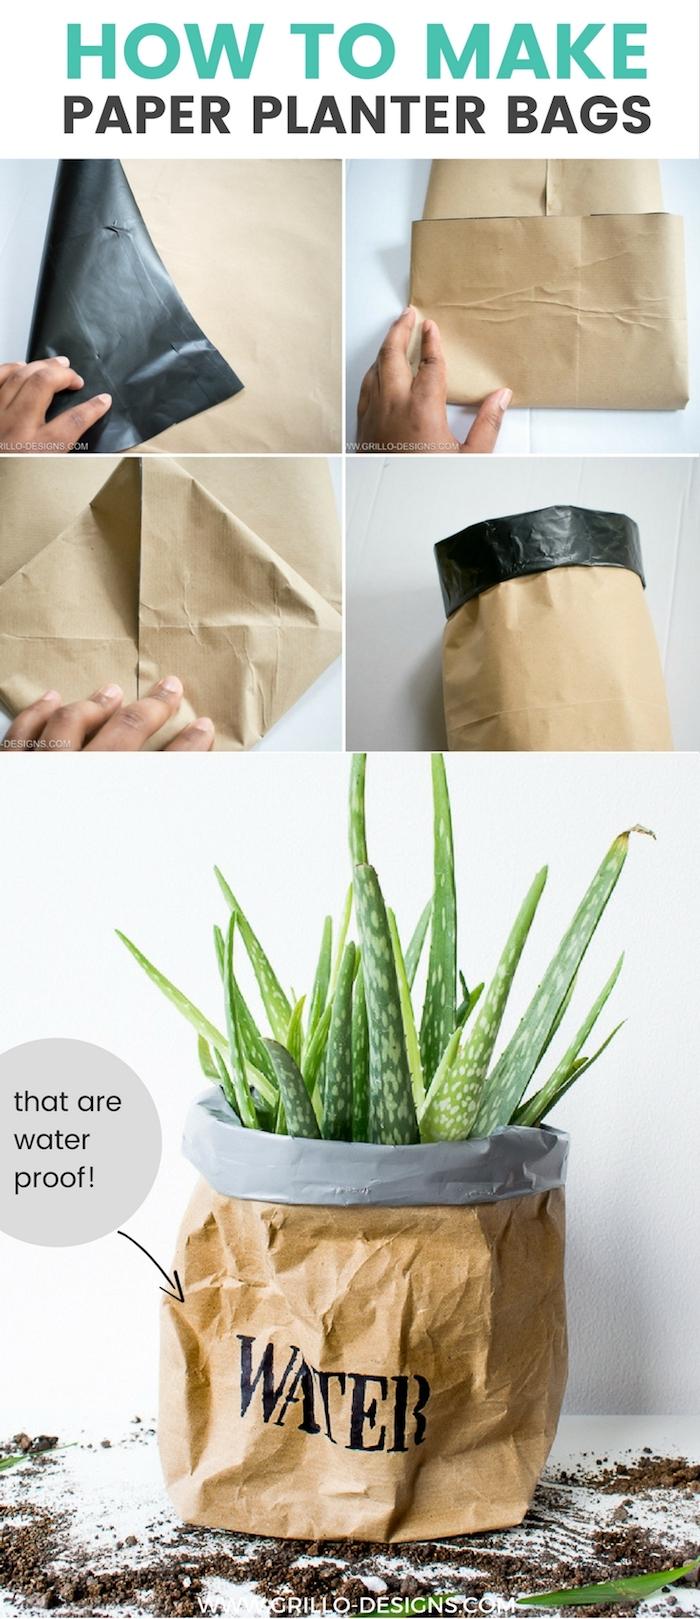 eine weiße wand und ein kleiner glas mit einer alten braunen papiertüte, eine bastelanleitung papioertüten selber machen, ein blumentopf mit einem grünen kaktus